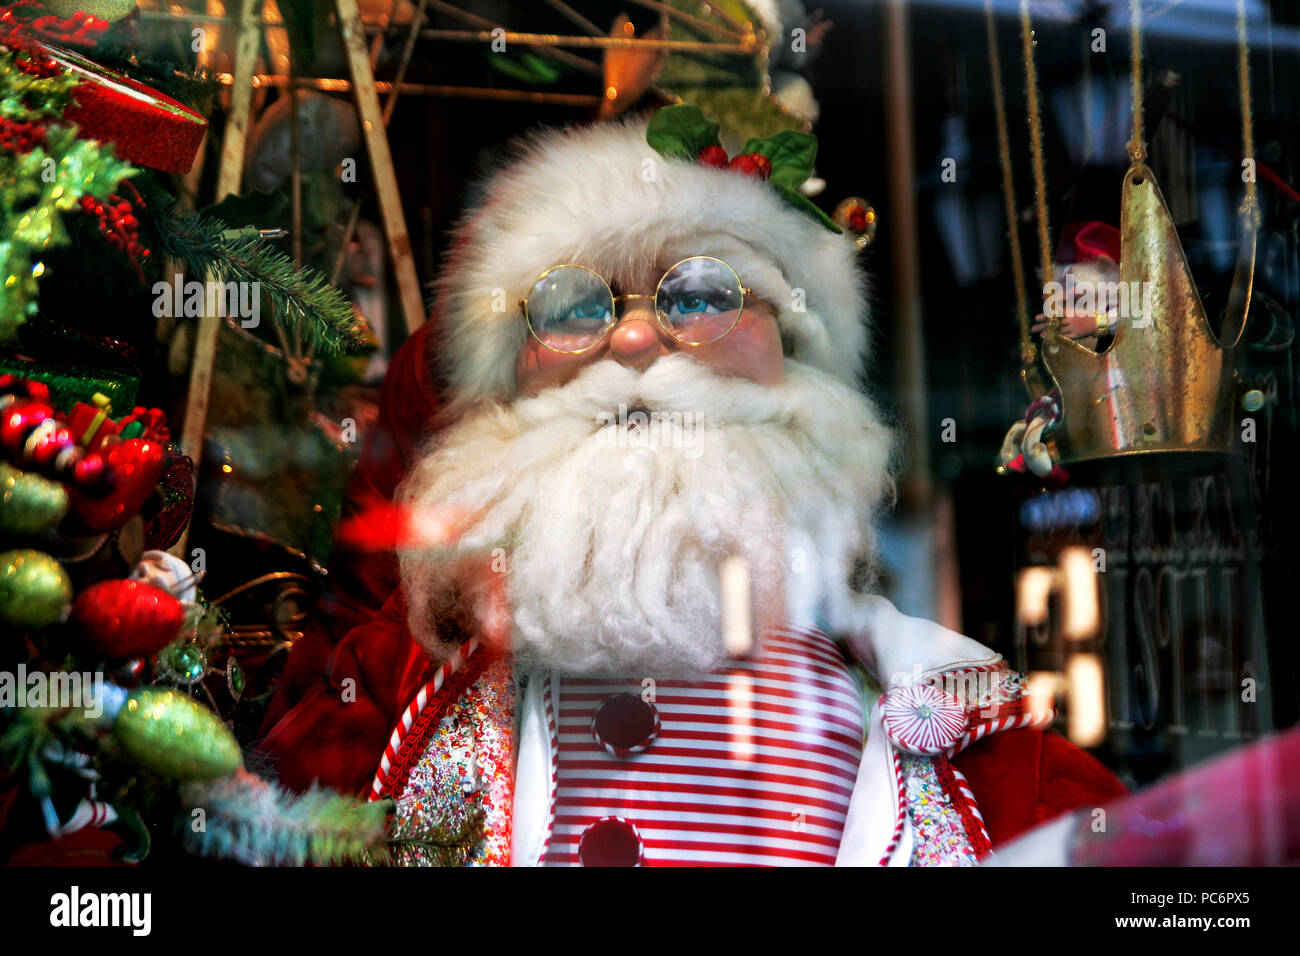 Weihnachtsmann, Weihnachtsbaum und Spielzeug zu Weihnachten ein ...